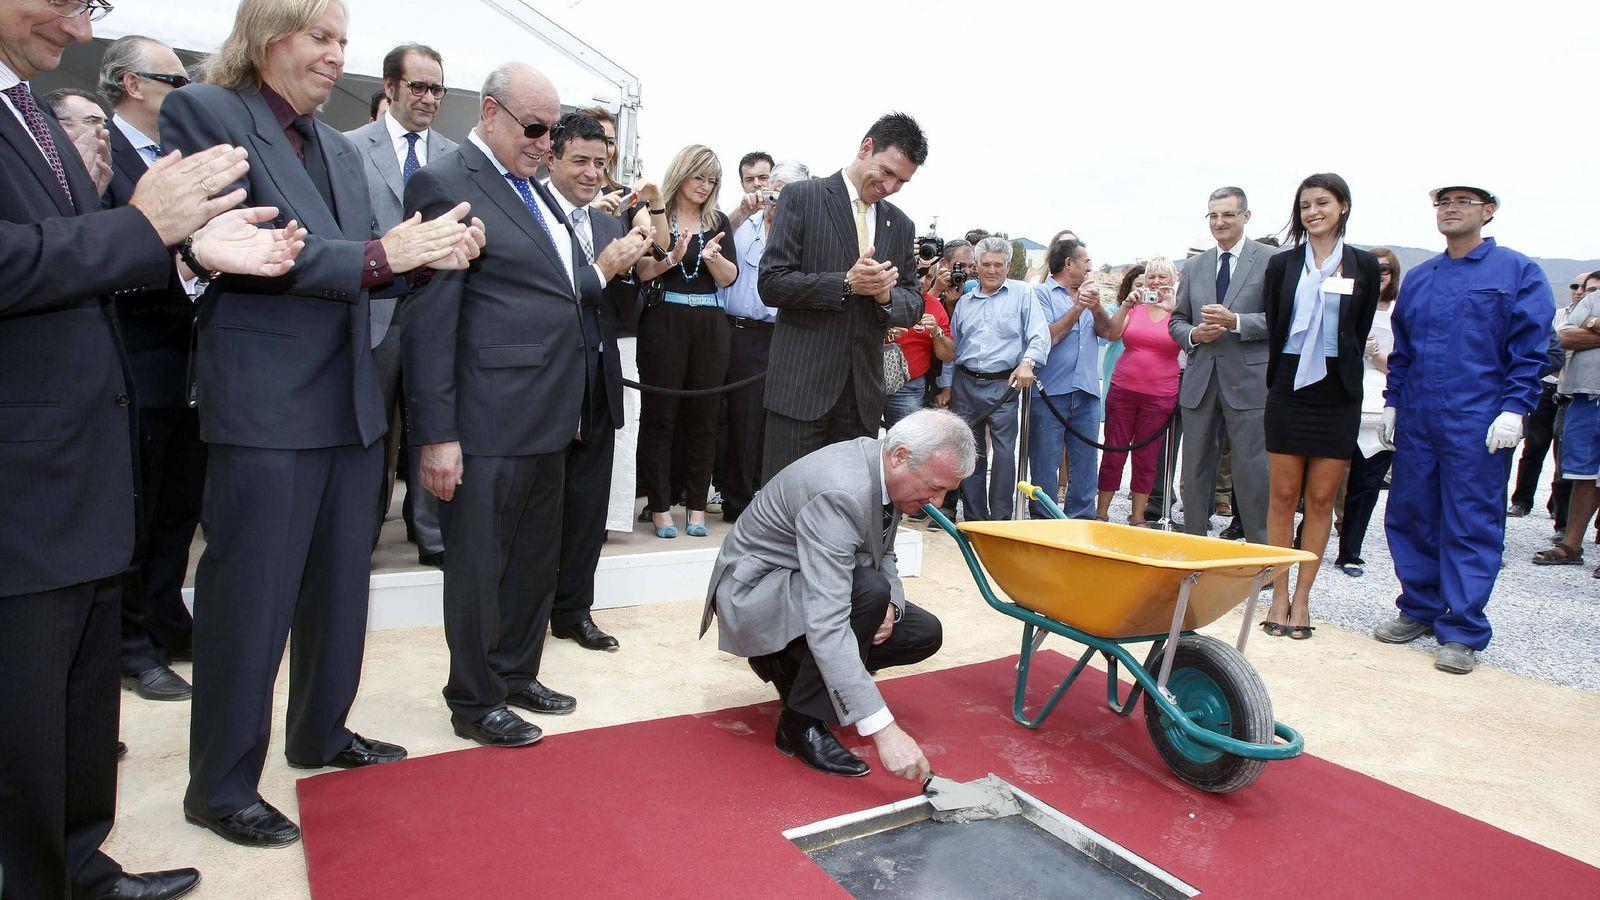 Foto: El día que Valcárcel puso la primera piedra de Paramount Park, el proyecto no tenía ni luz verde urbanística. (EFE)